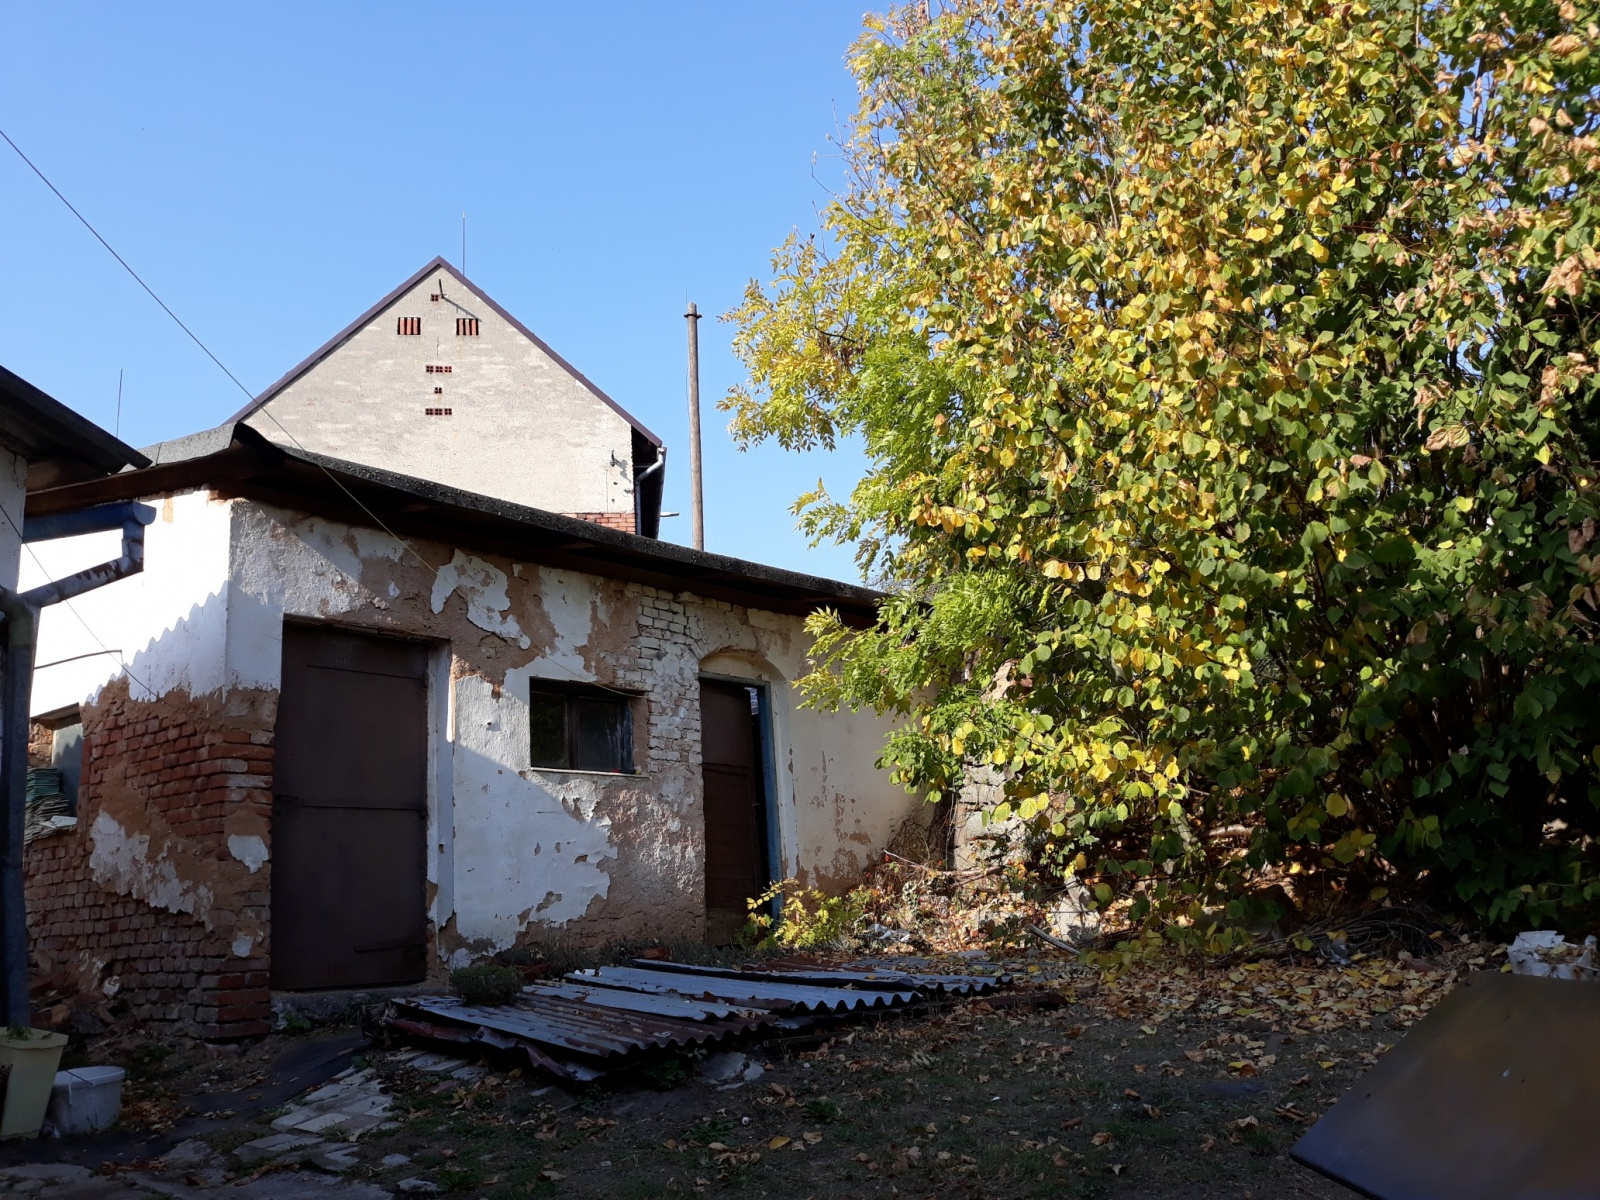 Prodej, rodinný dům, obec Čižice, okres Plzeň - jih